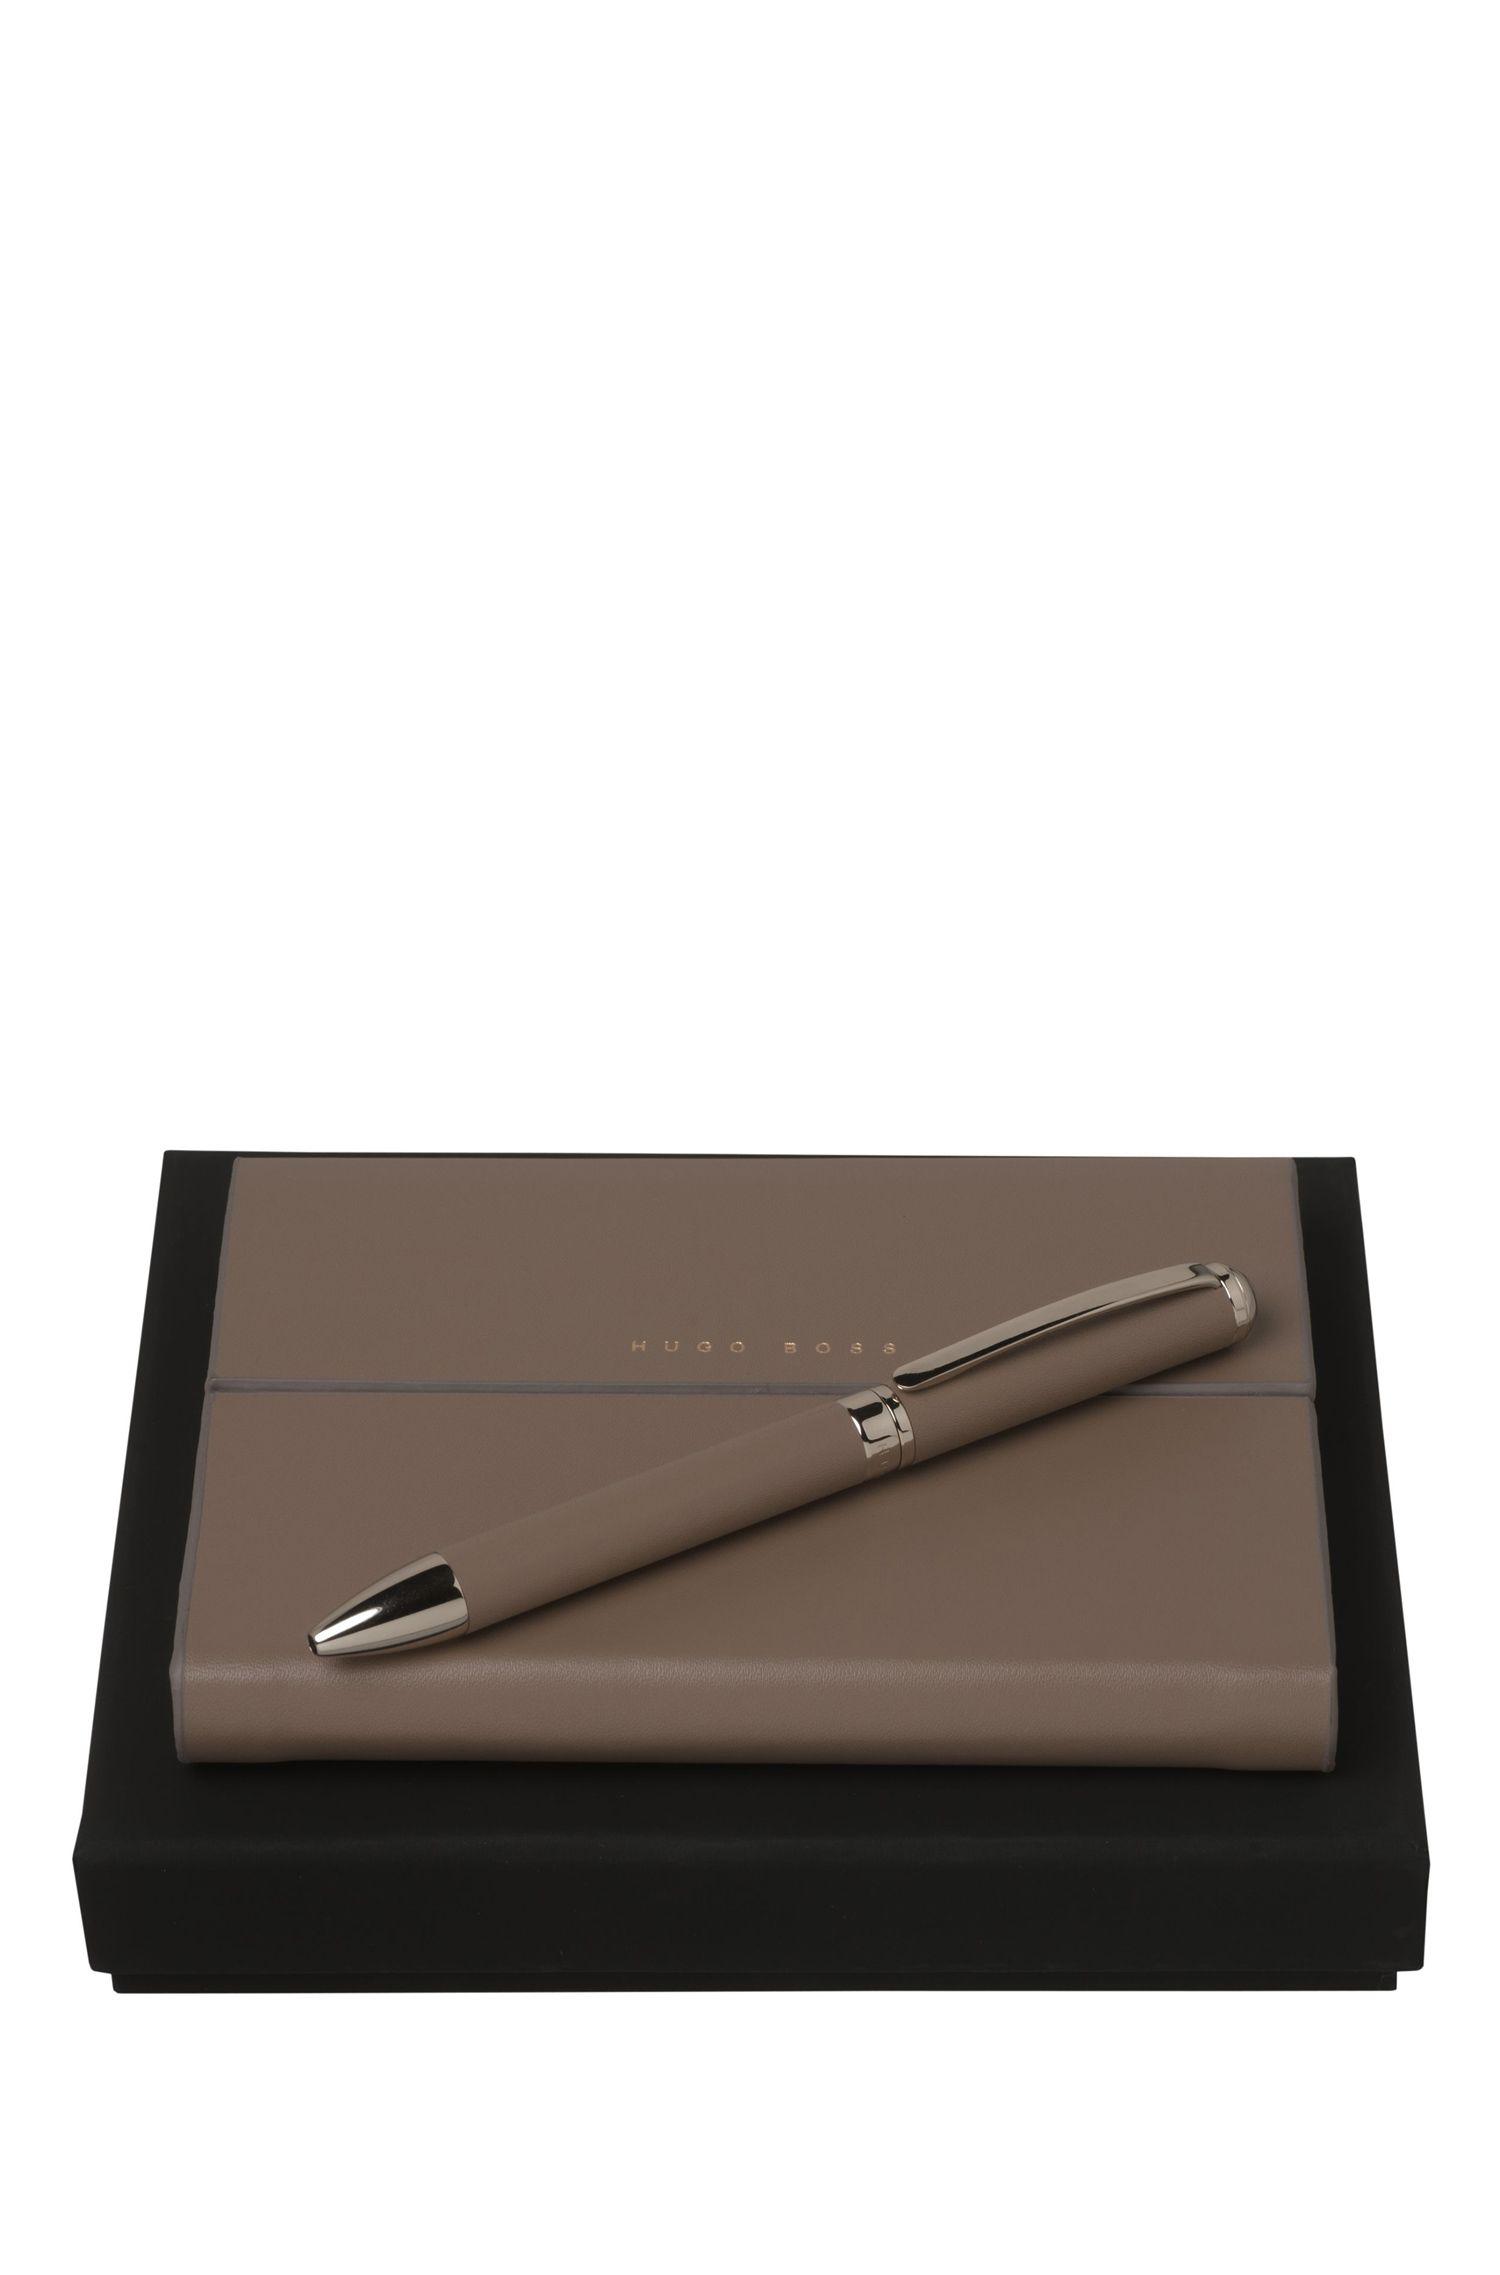 'HPBM606Z' | Verse Ballpoint Pen, Notebook Set